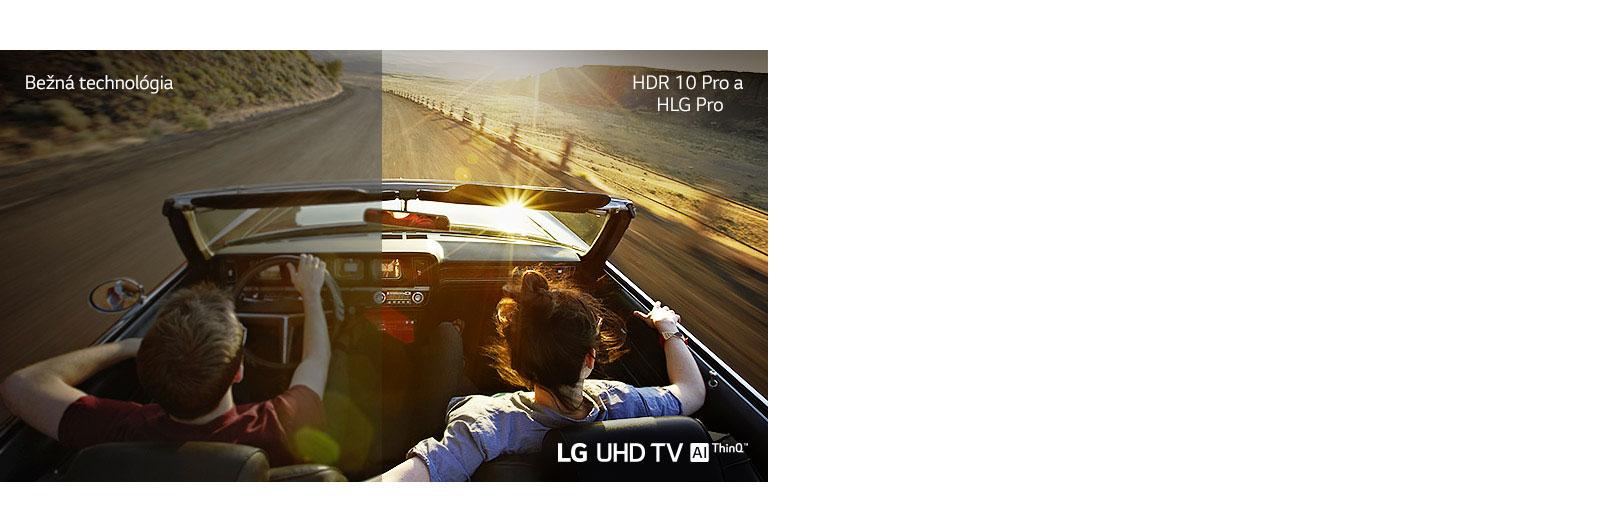 Muž so ženou v aute, ktoré ide po ceste. Polovica obrazu je zobrazená na bežnej obrazovke so slabšou kvalitou obrazu. Druhá polovica je zobrazená v ostrých a živých farbách na televízore LG UHD TV.